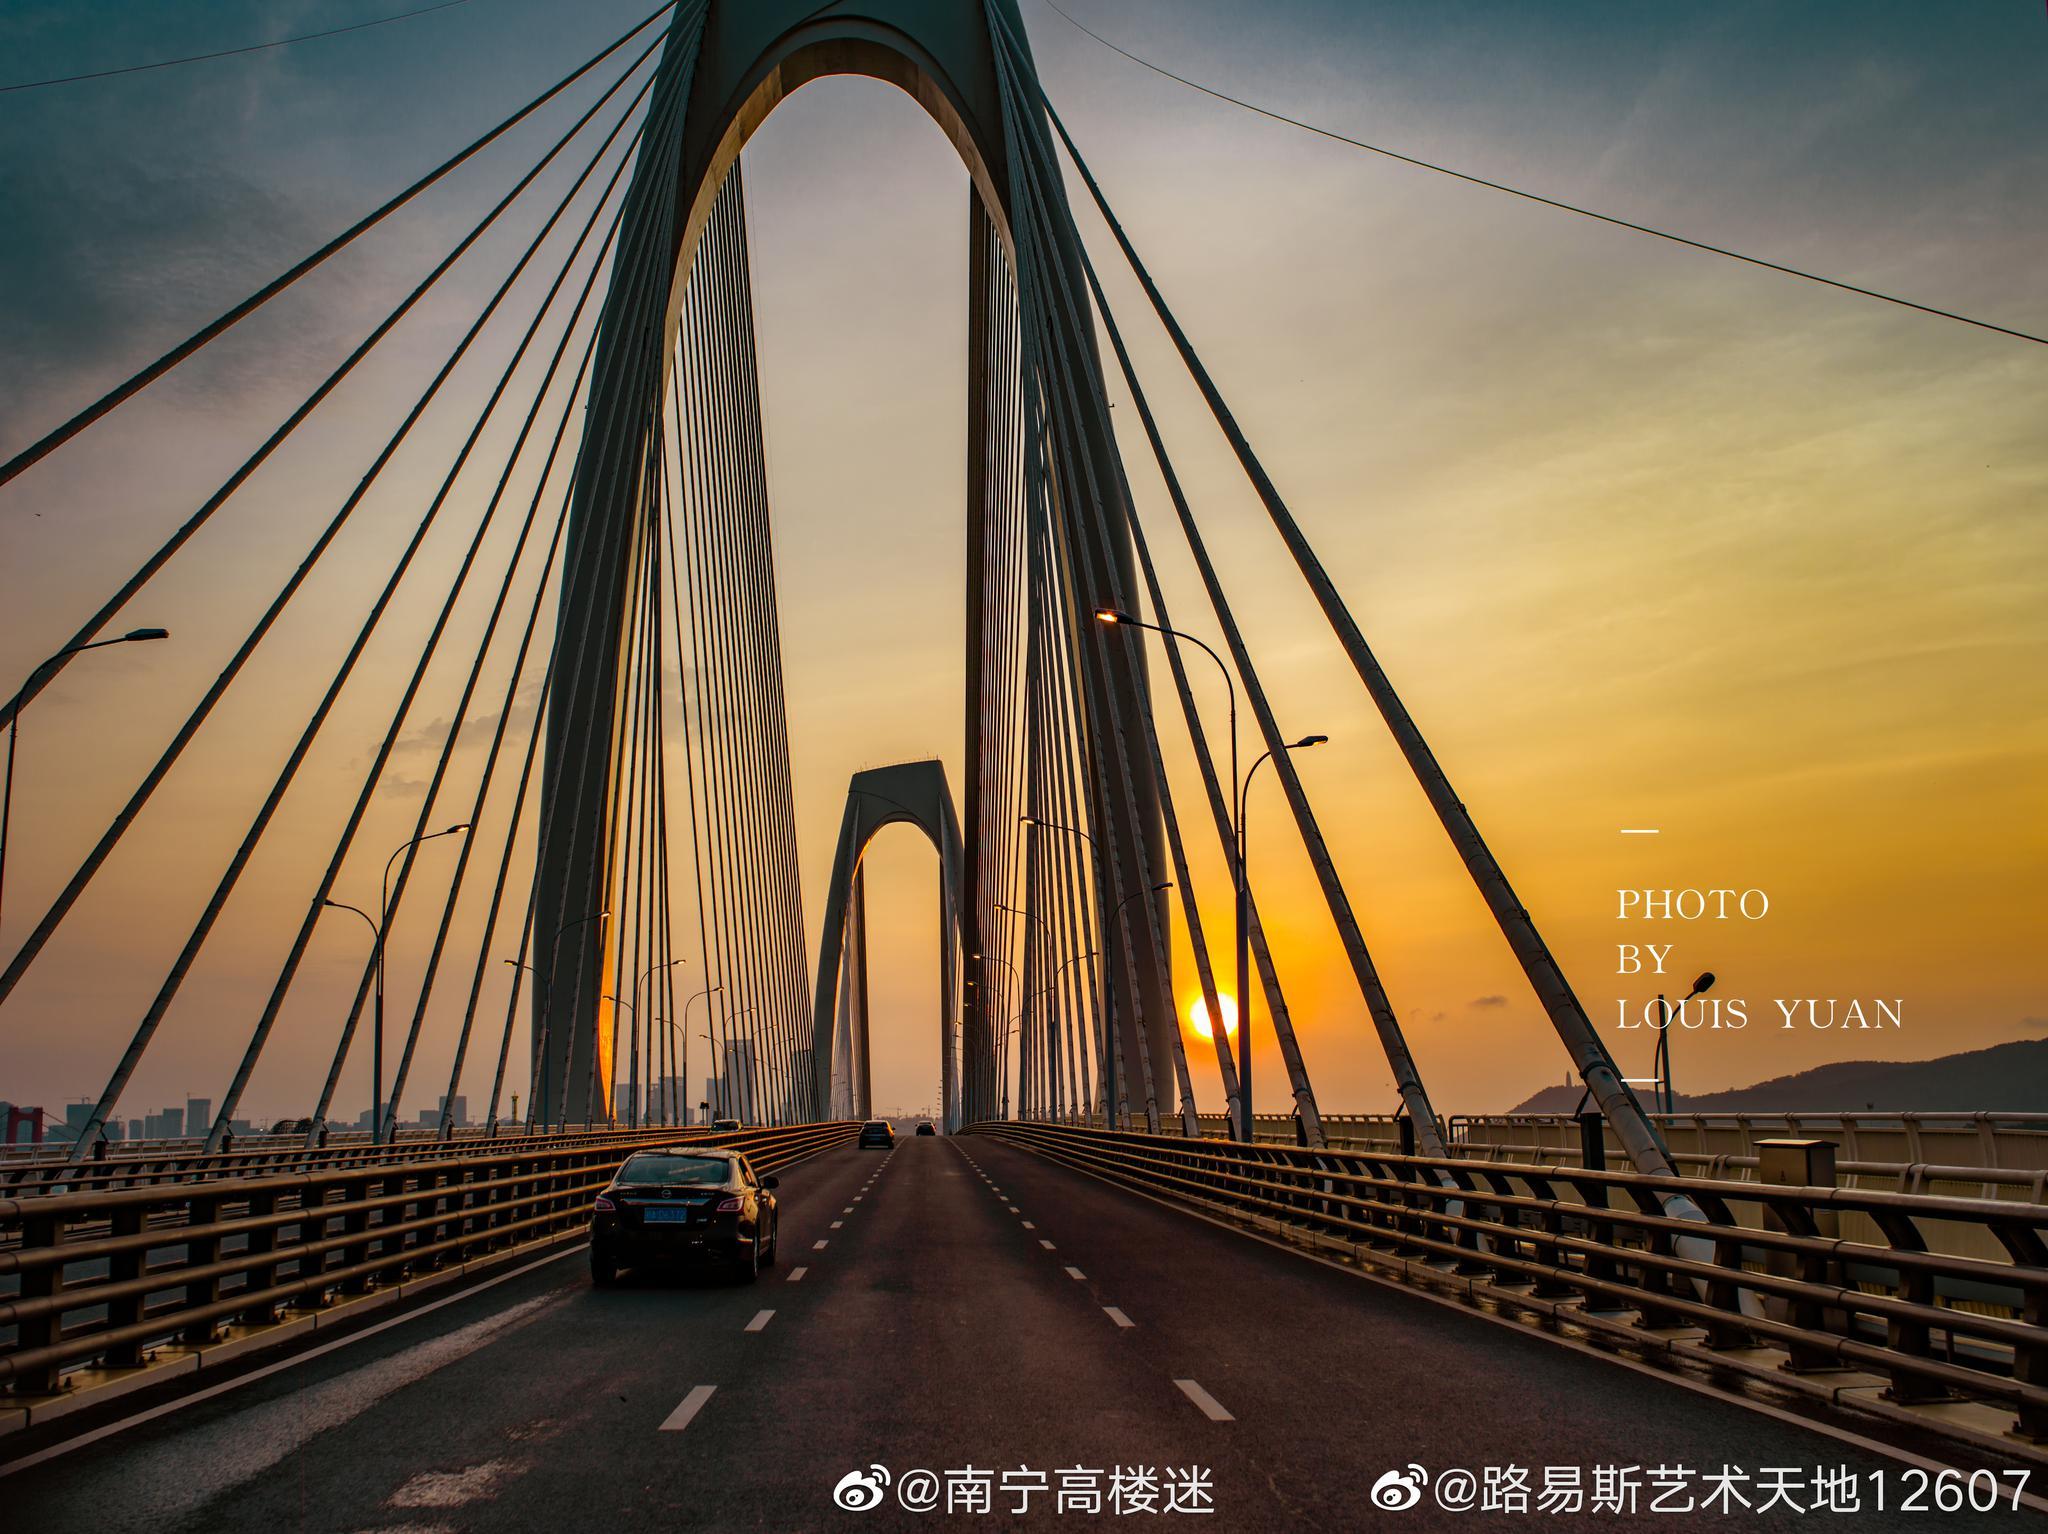 夕阳下的青山大桥…南宁最美跨江桥。@路易斯艺术天地12607